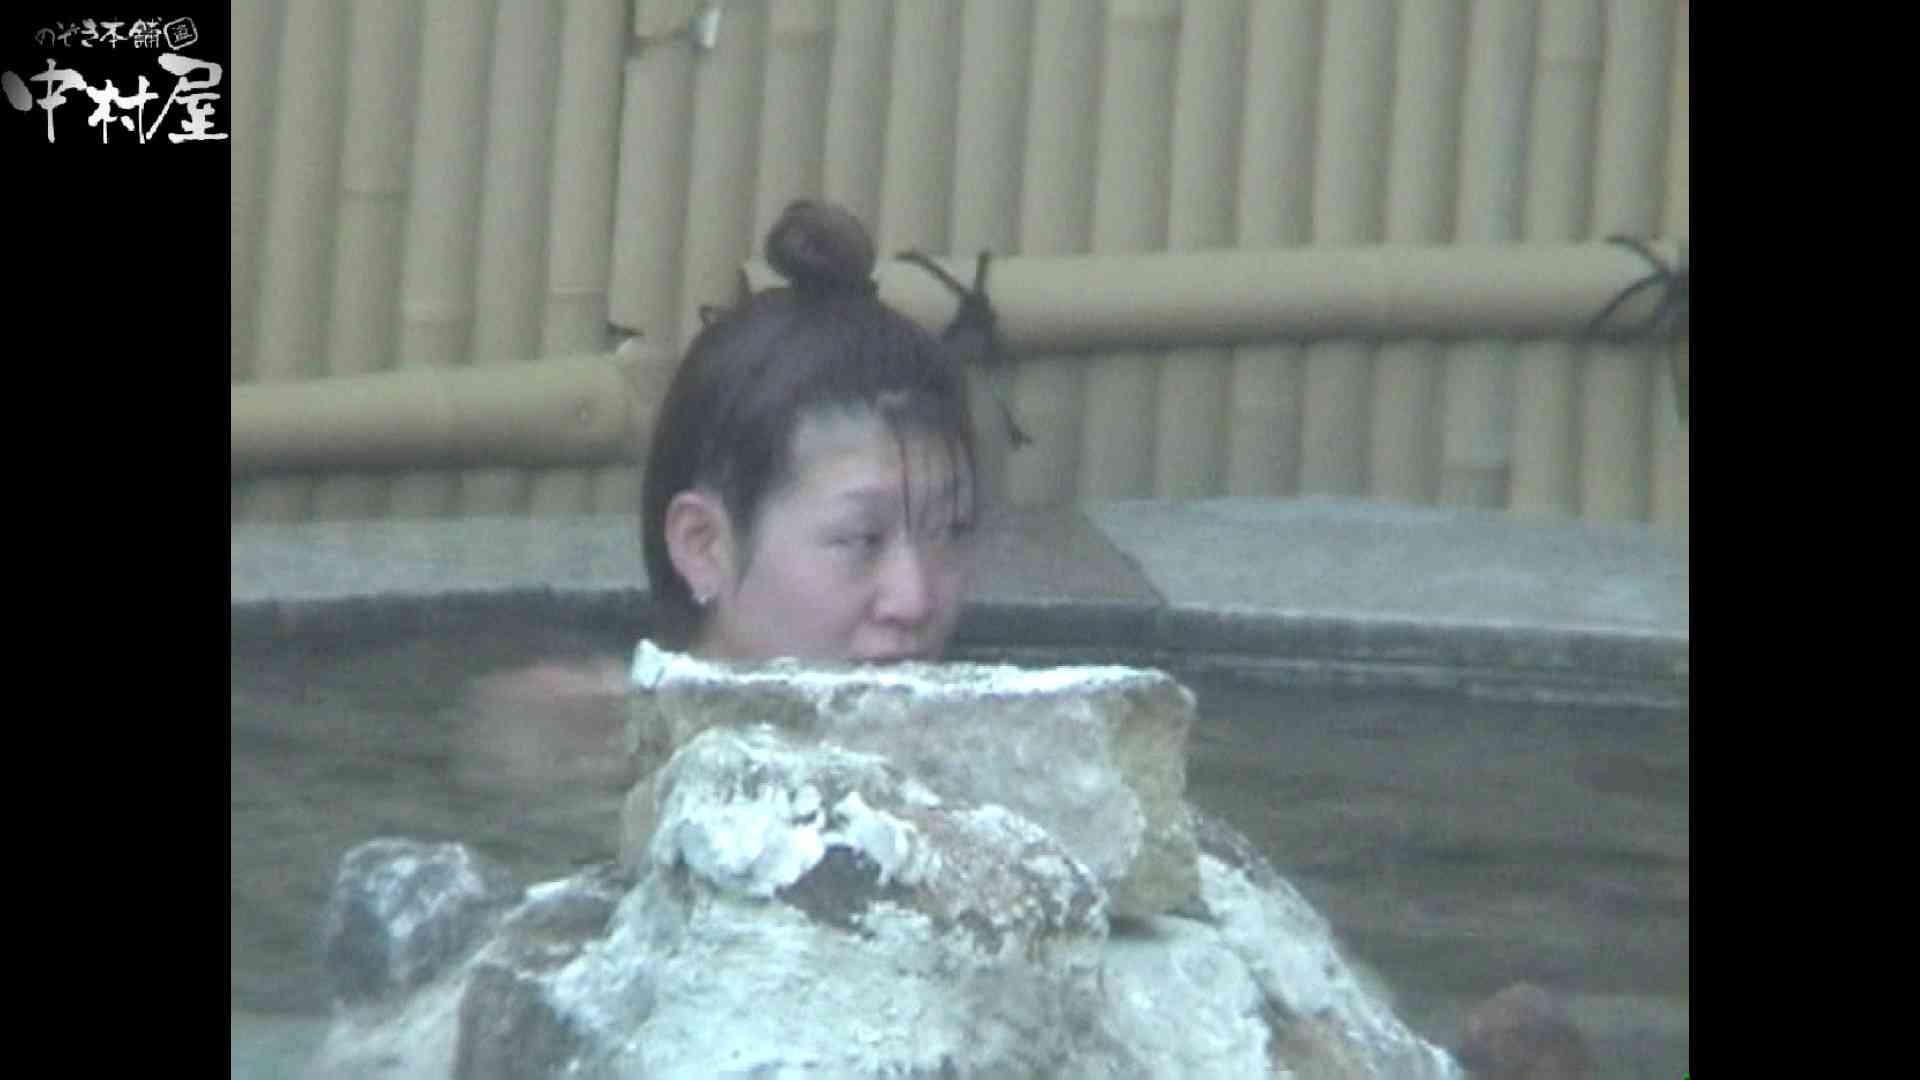 Aquaな露天風呂Vol.974 盗撮シリーズ  104PIX 80